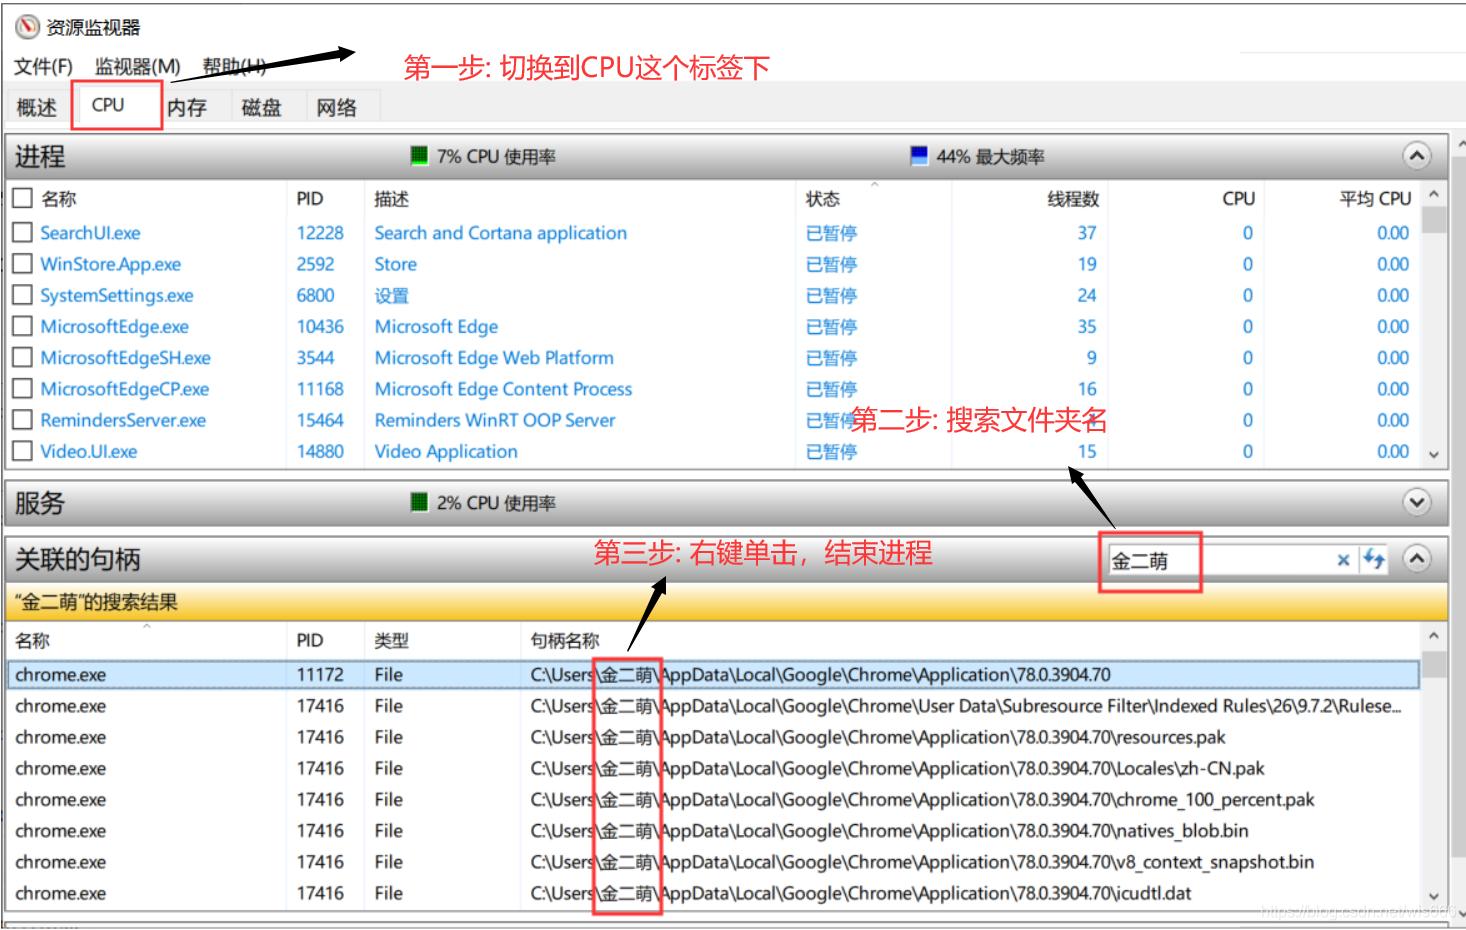 [外链图片转存失败,源站可能有防盗链机制,建议将图片保存下来直接上传(img-uIZlTUxj-1575176756018)(images\6-句柄.png)]